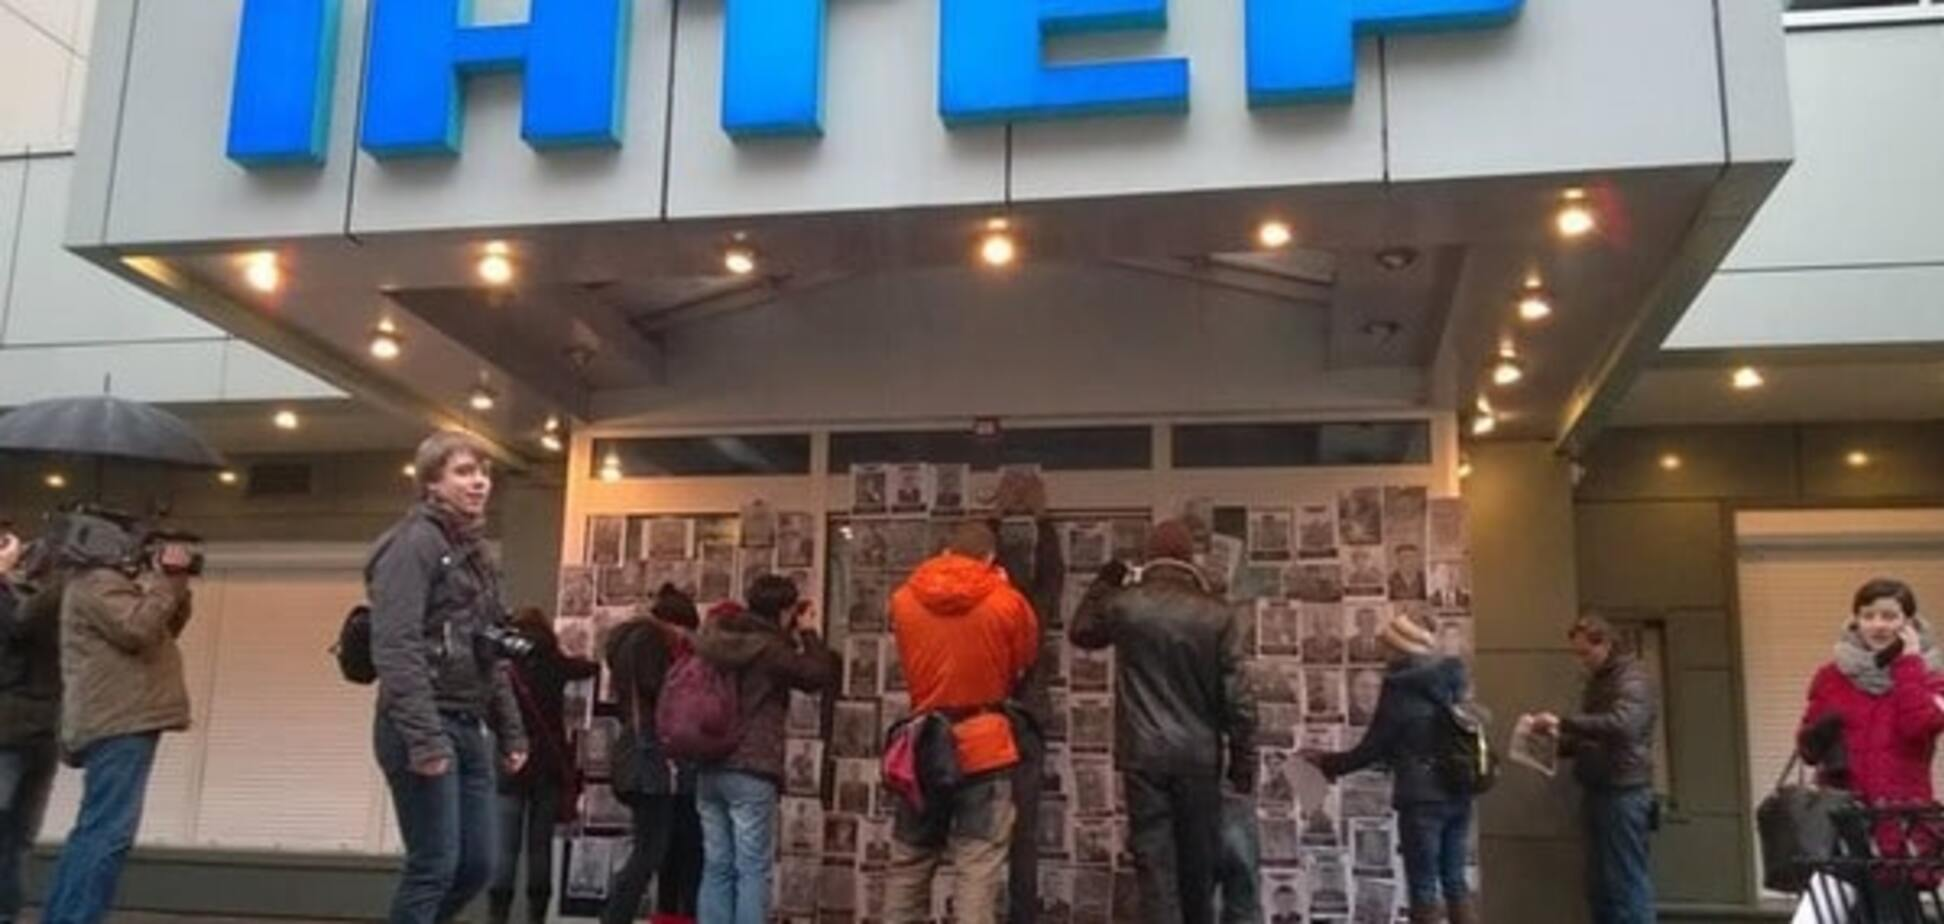 'Інтер' стає інструментом кремлівської ідеології